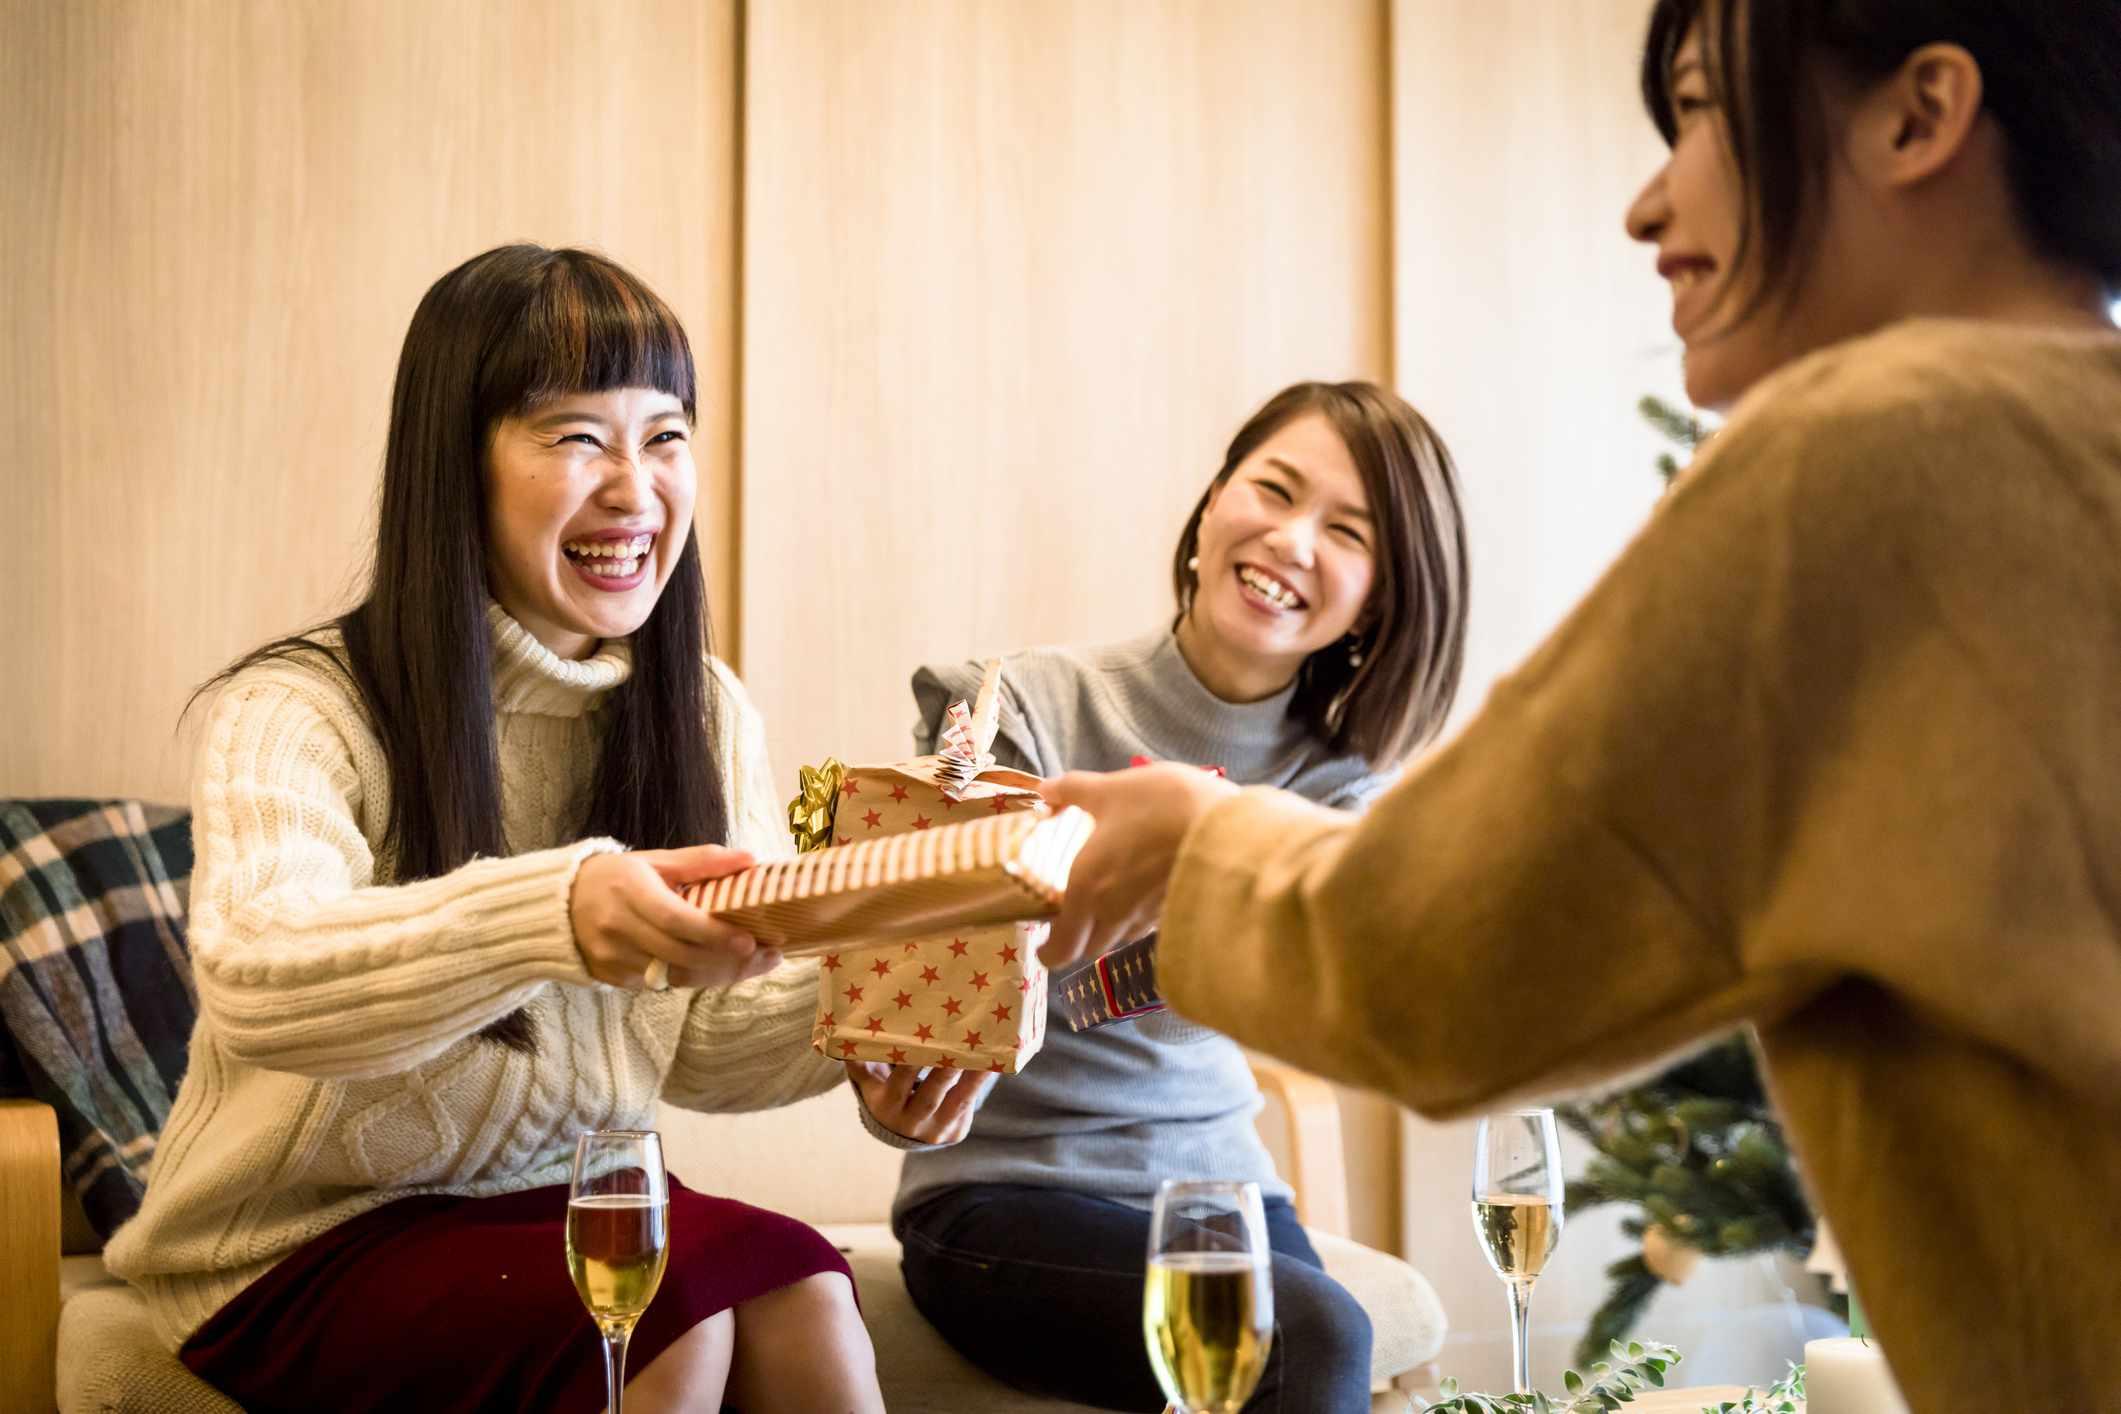 Women smiling, exchange gifts